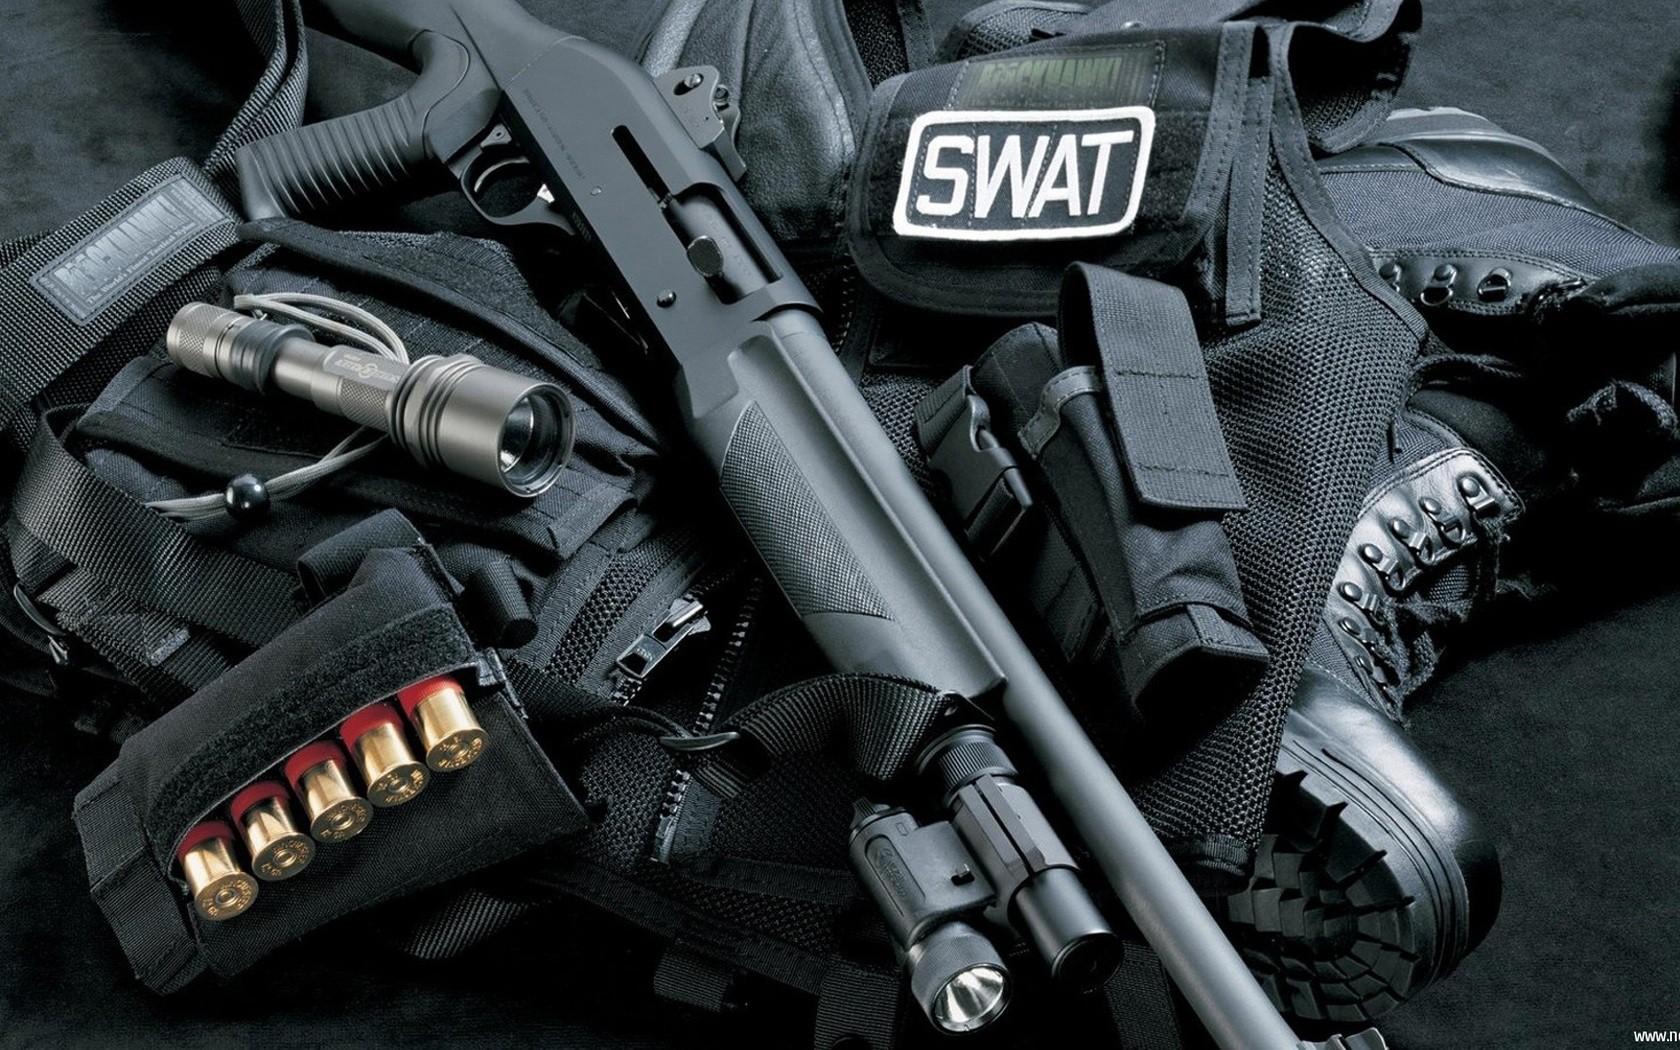 SWAT Gear Wallpapers SWAT Gear Myspace Backgrounds SWAT Gear 1680x1050